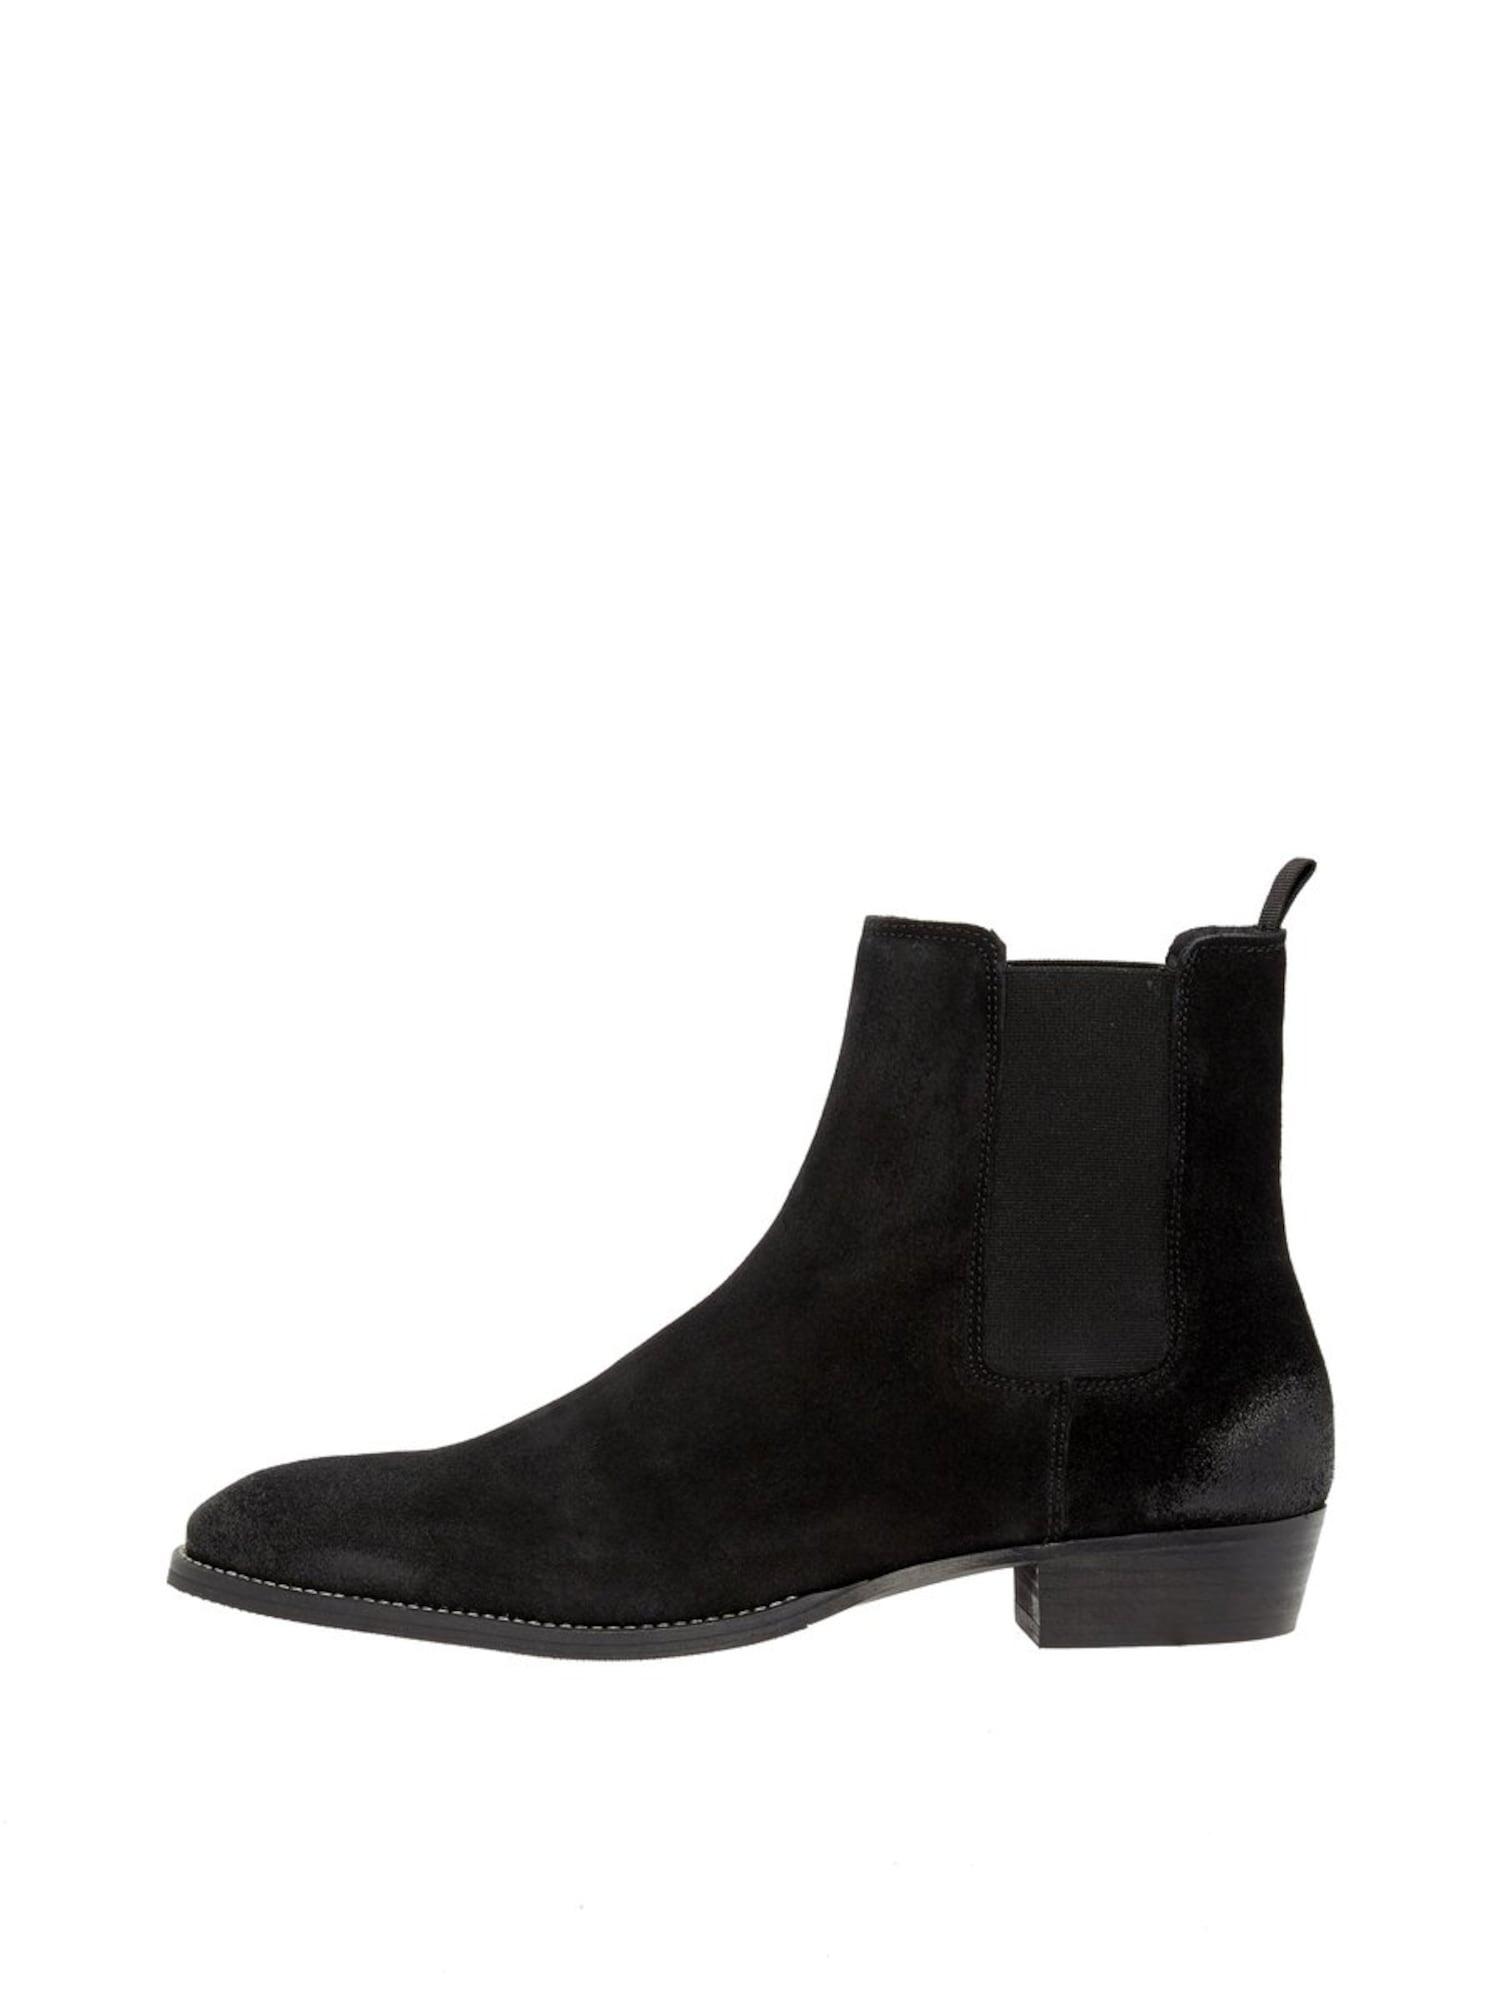 Stiefeletten 'Beack' | Schuhe > Boots > Stiefel | Schwarz | Bianco